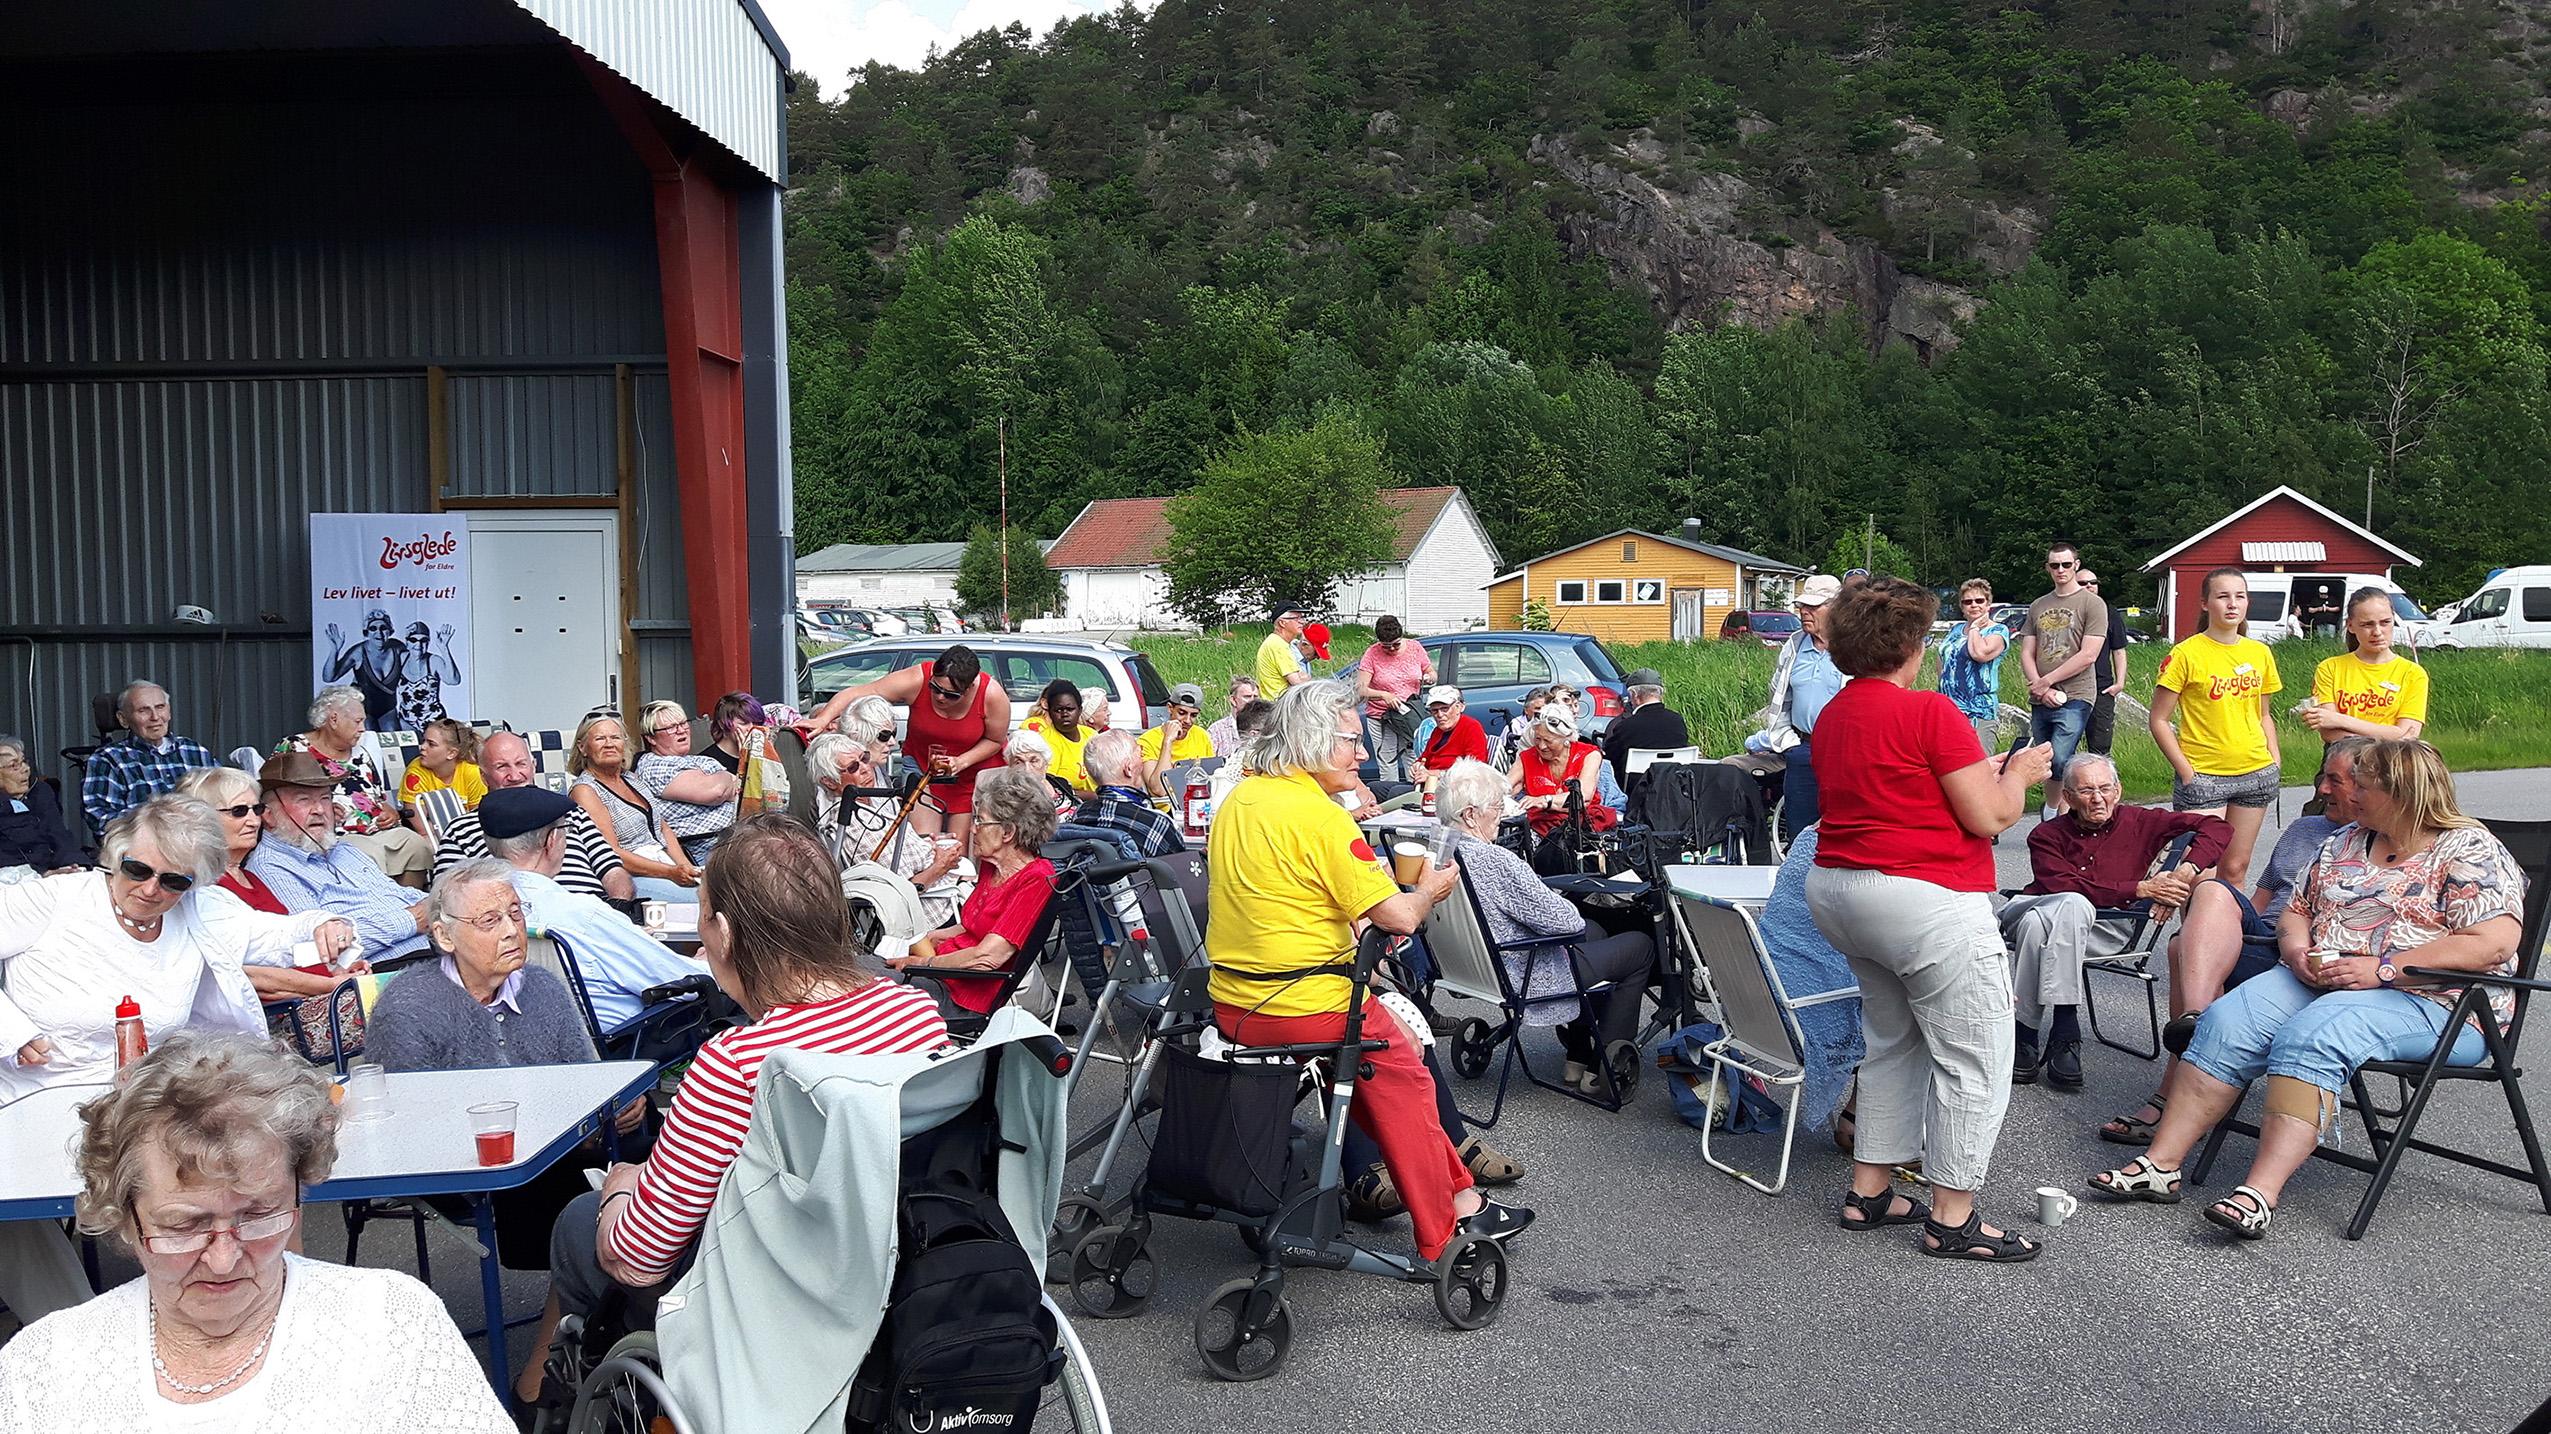 Livsgledeuka i Grimstad 2016, Kjevik flyplass